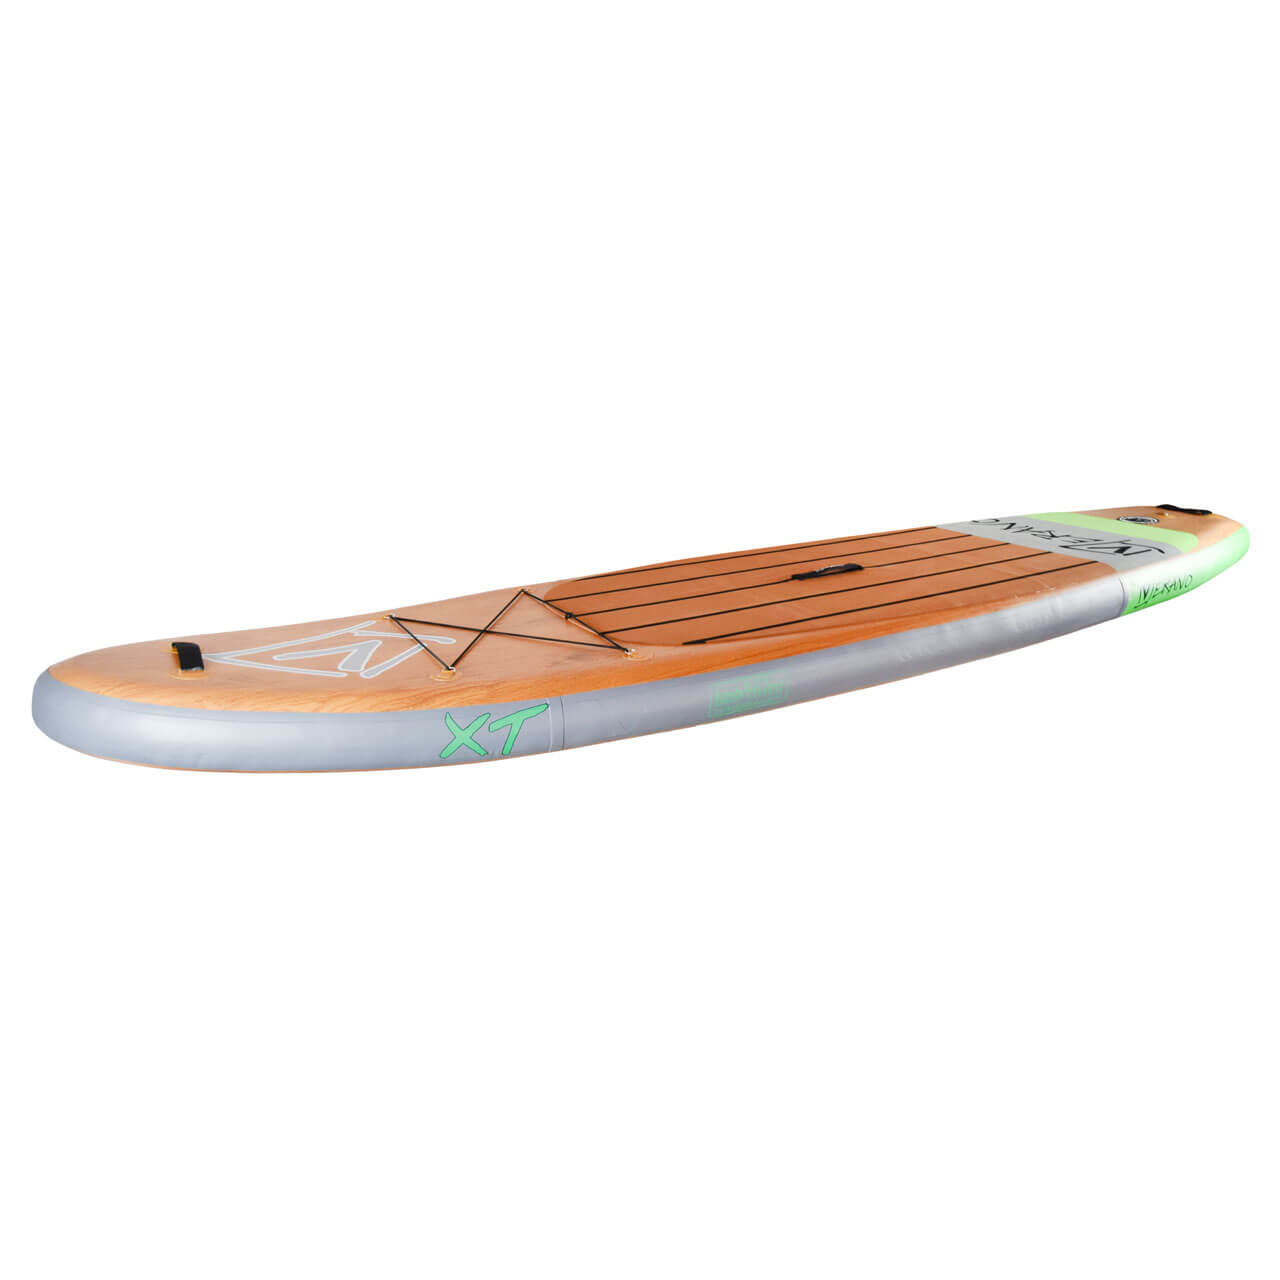 Verano SUP 11 XT - Paddle Board